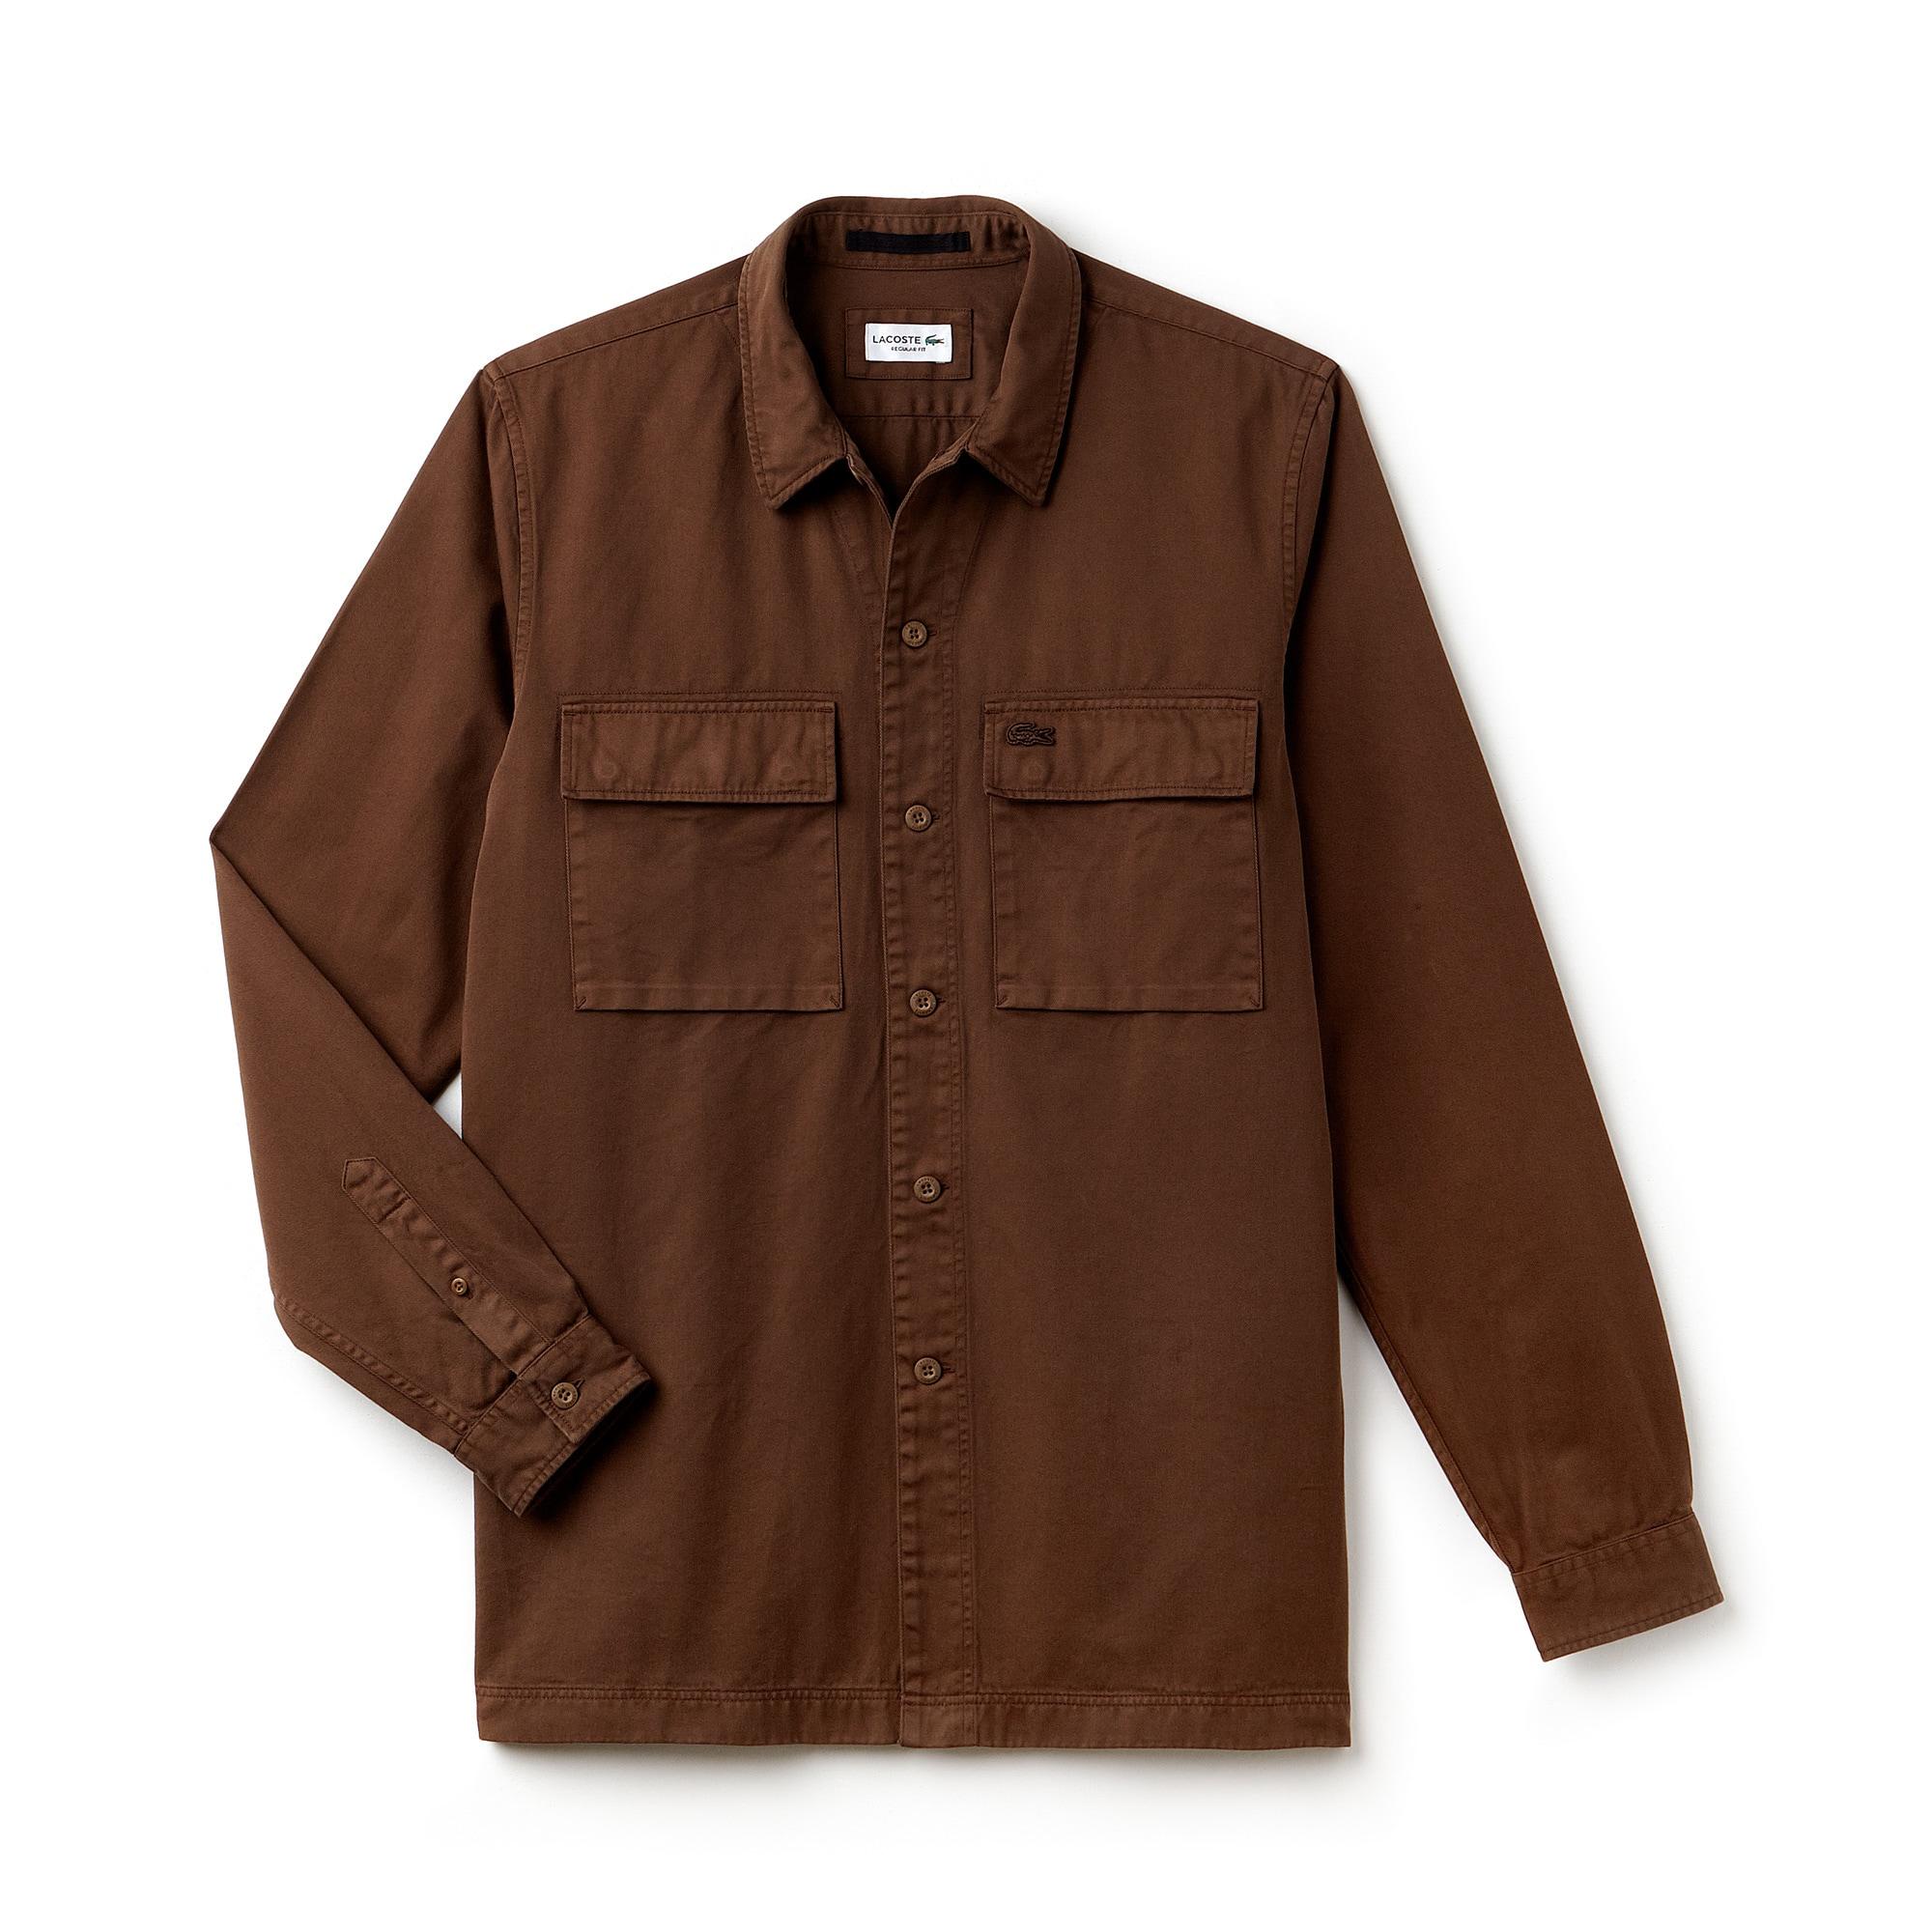 Camisa relax fit em twill de algodão efeito desbotado